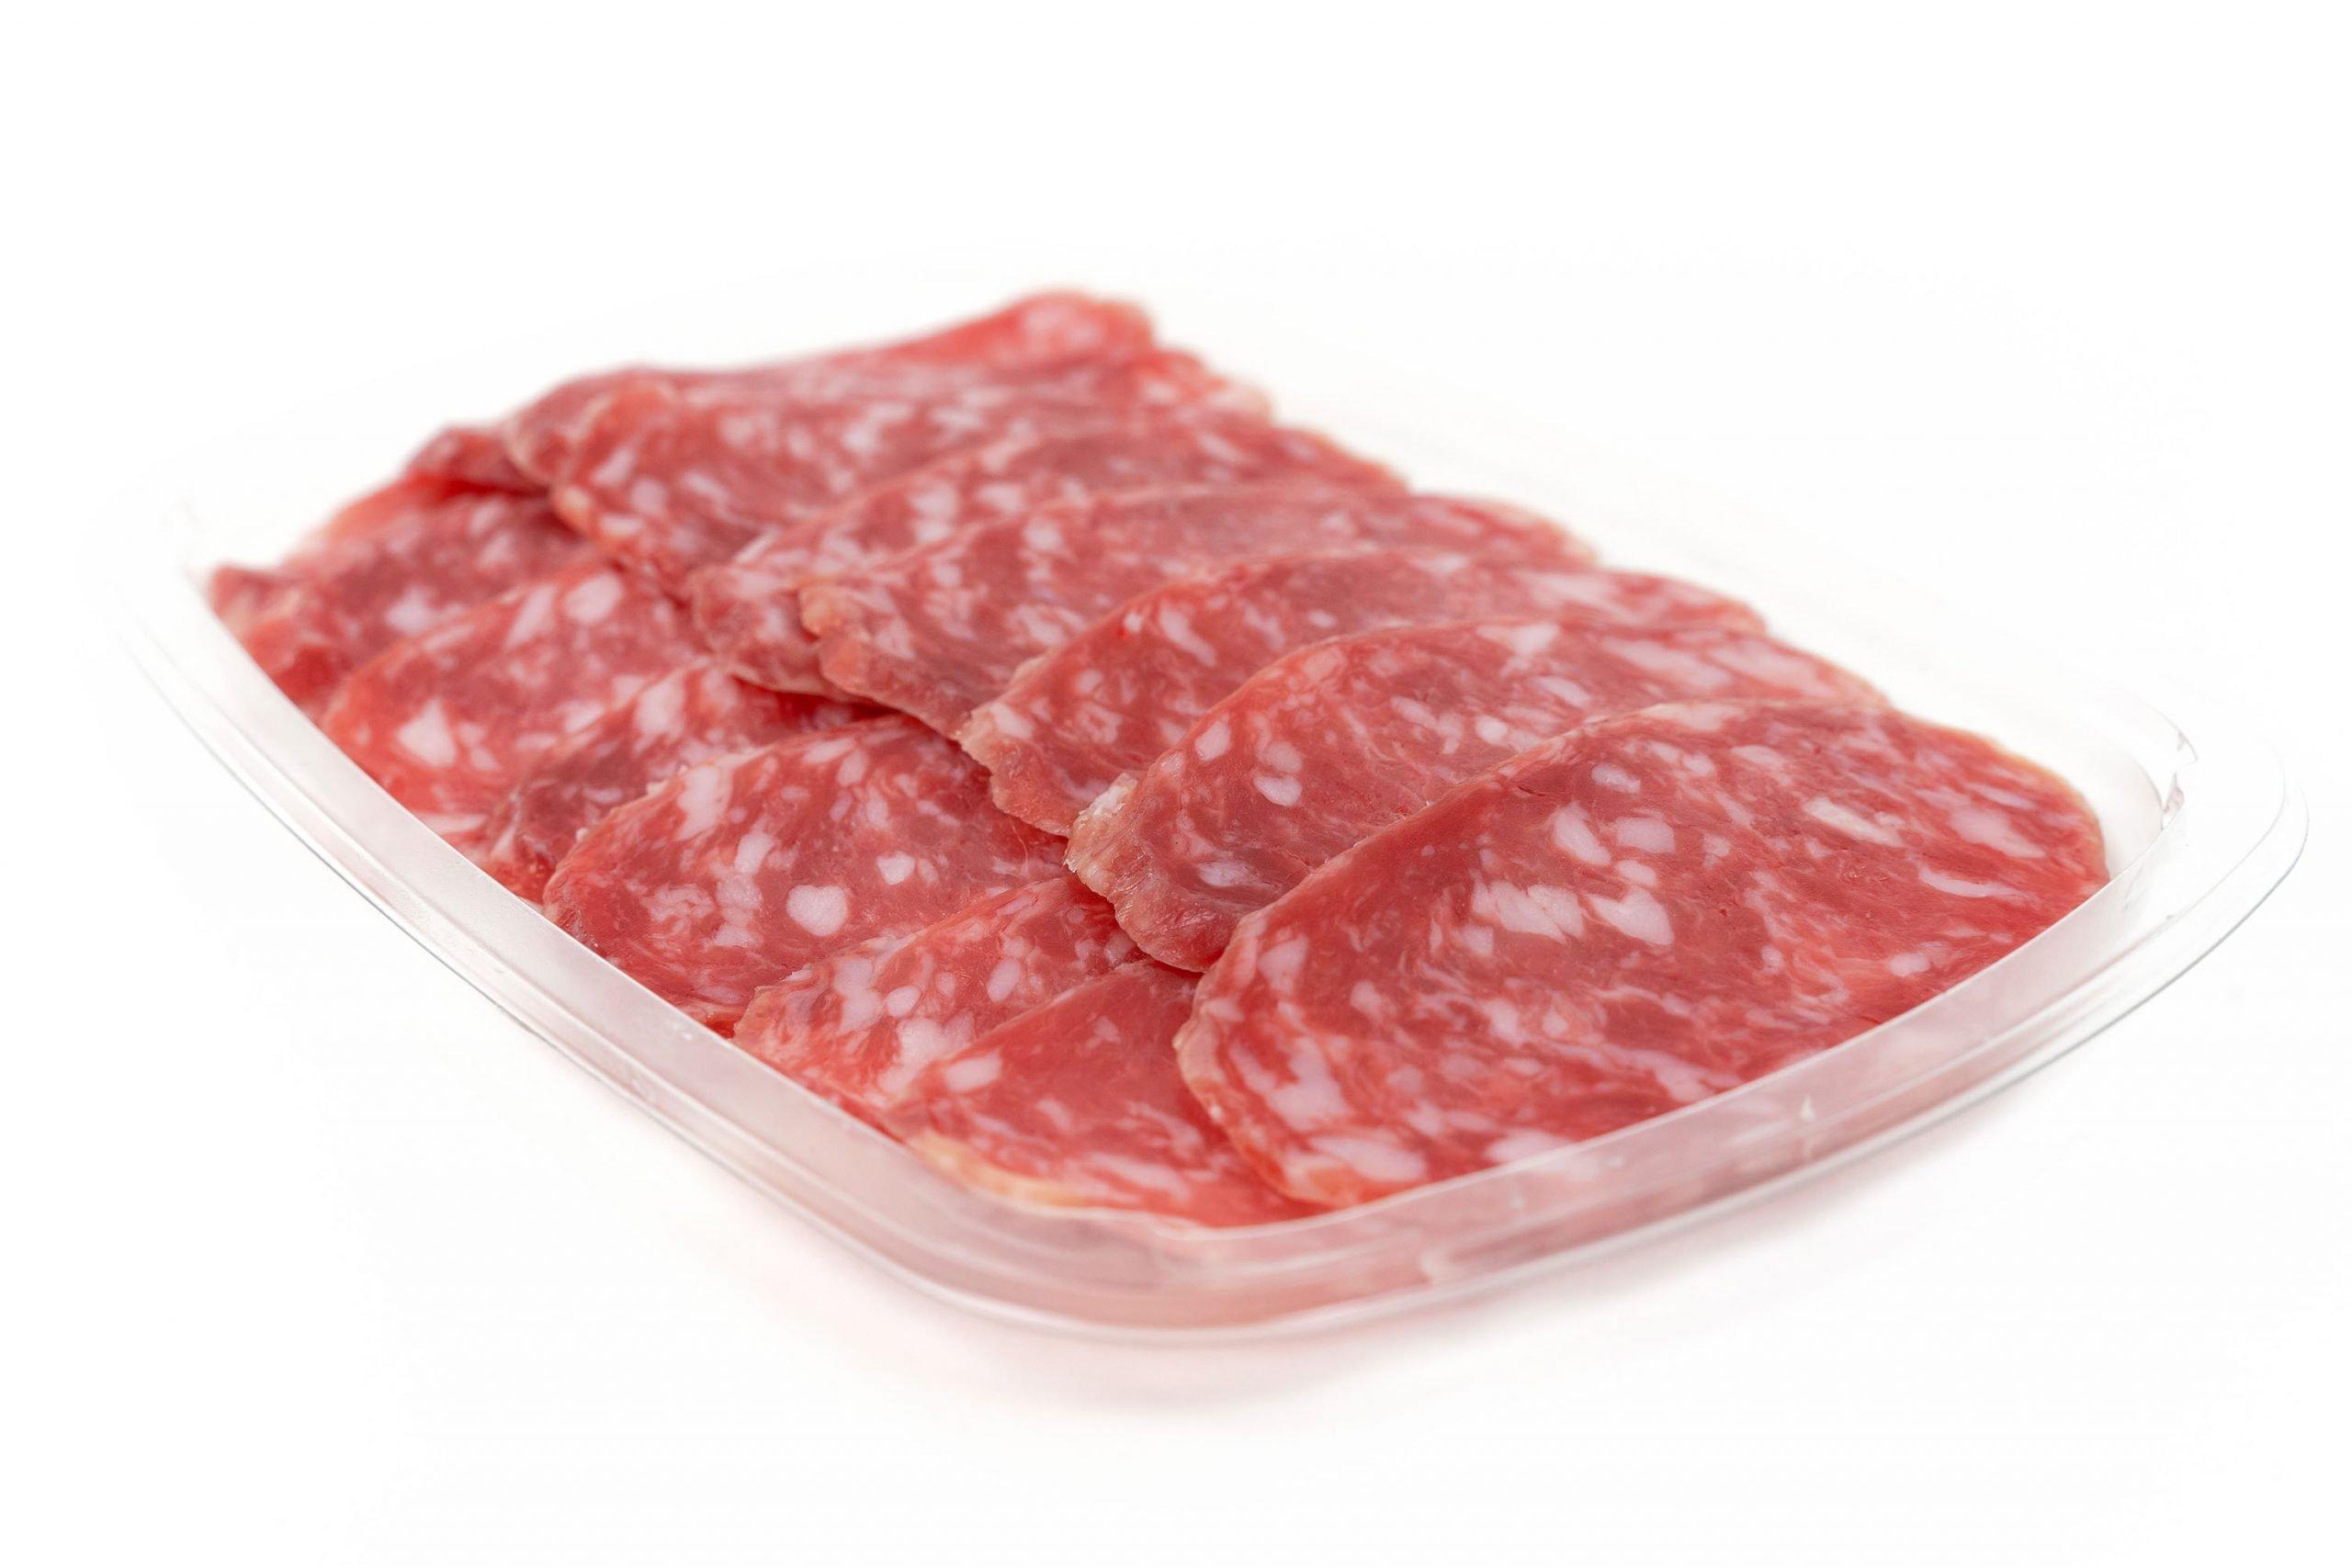 Salame Felino in low preformed platter